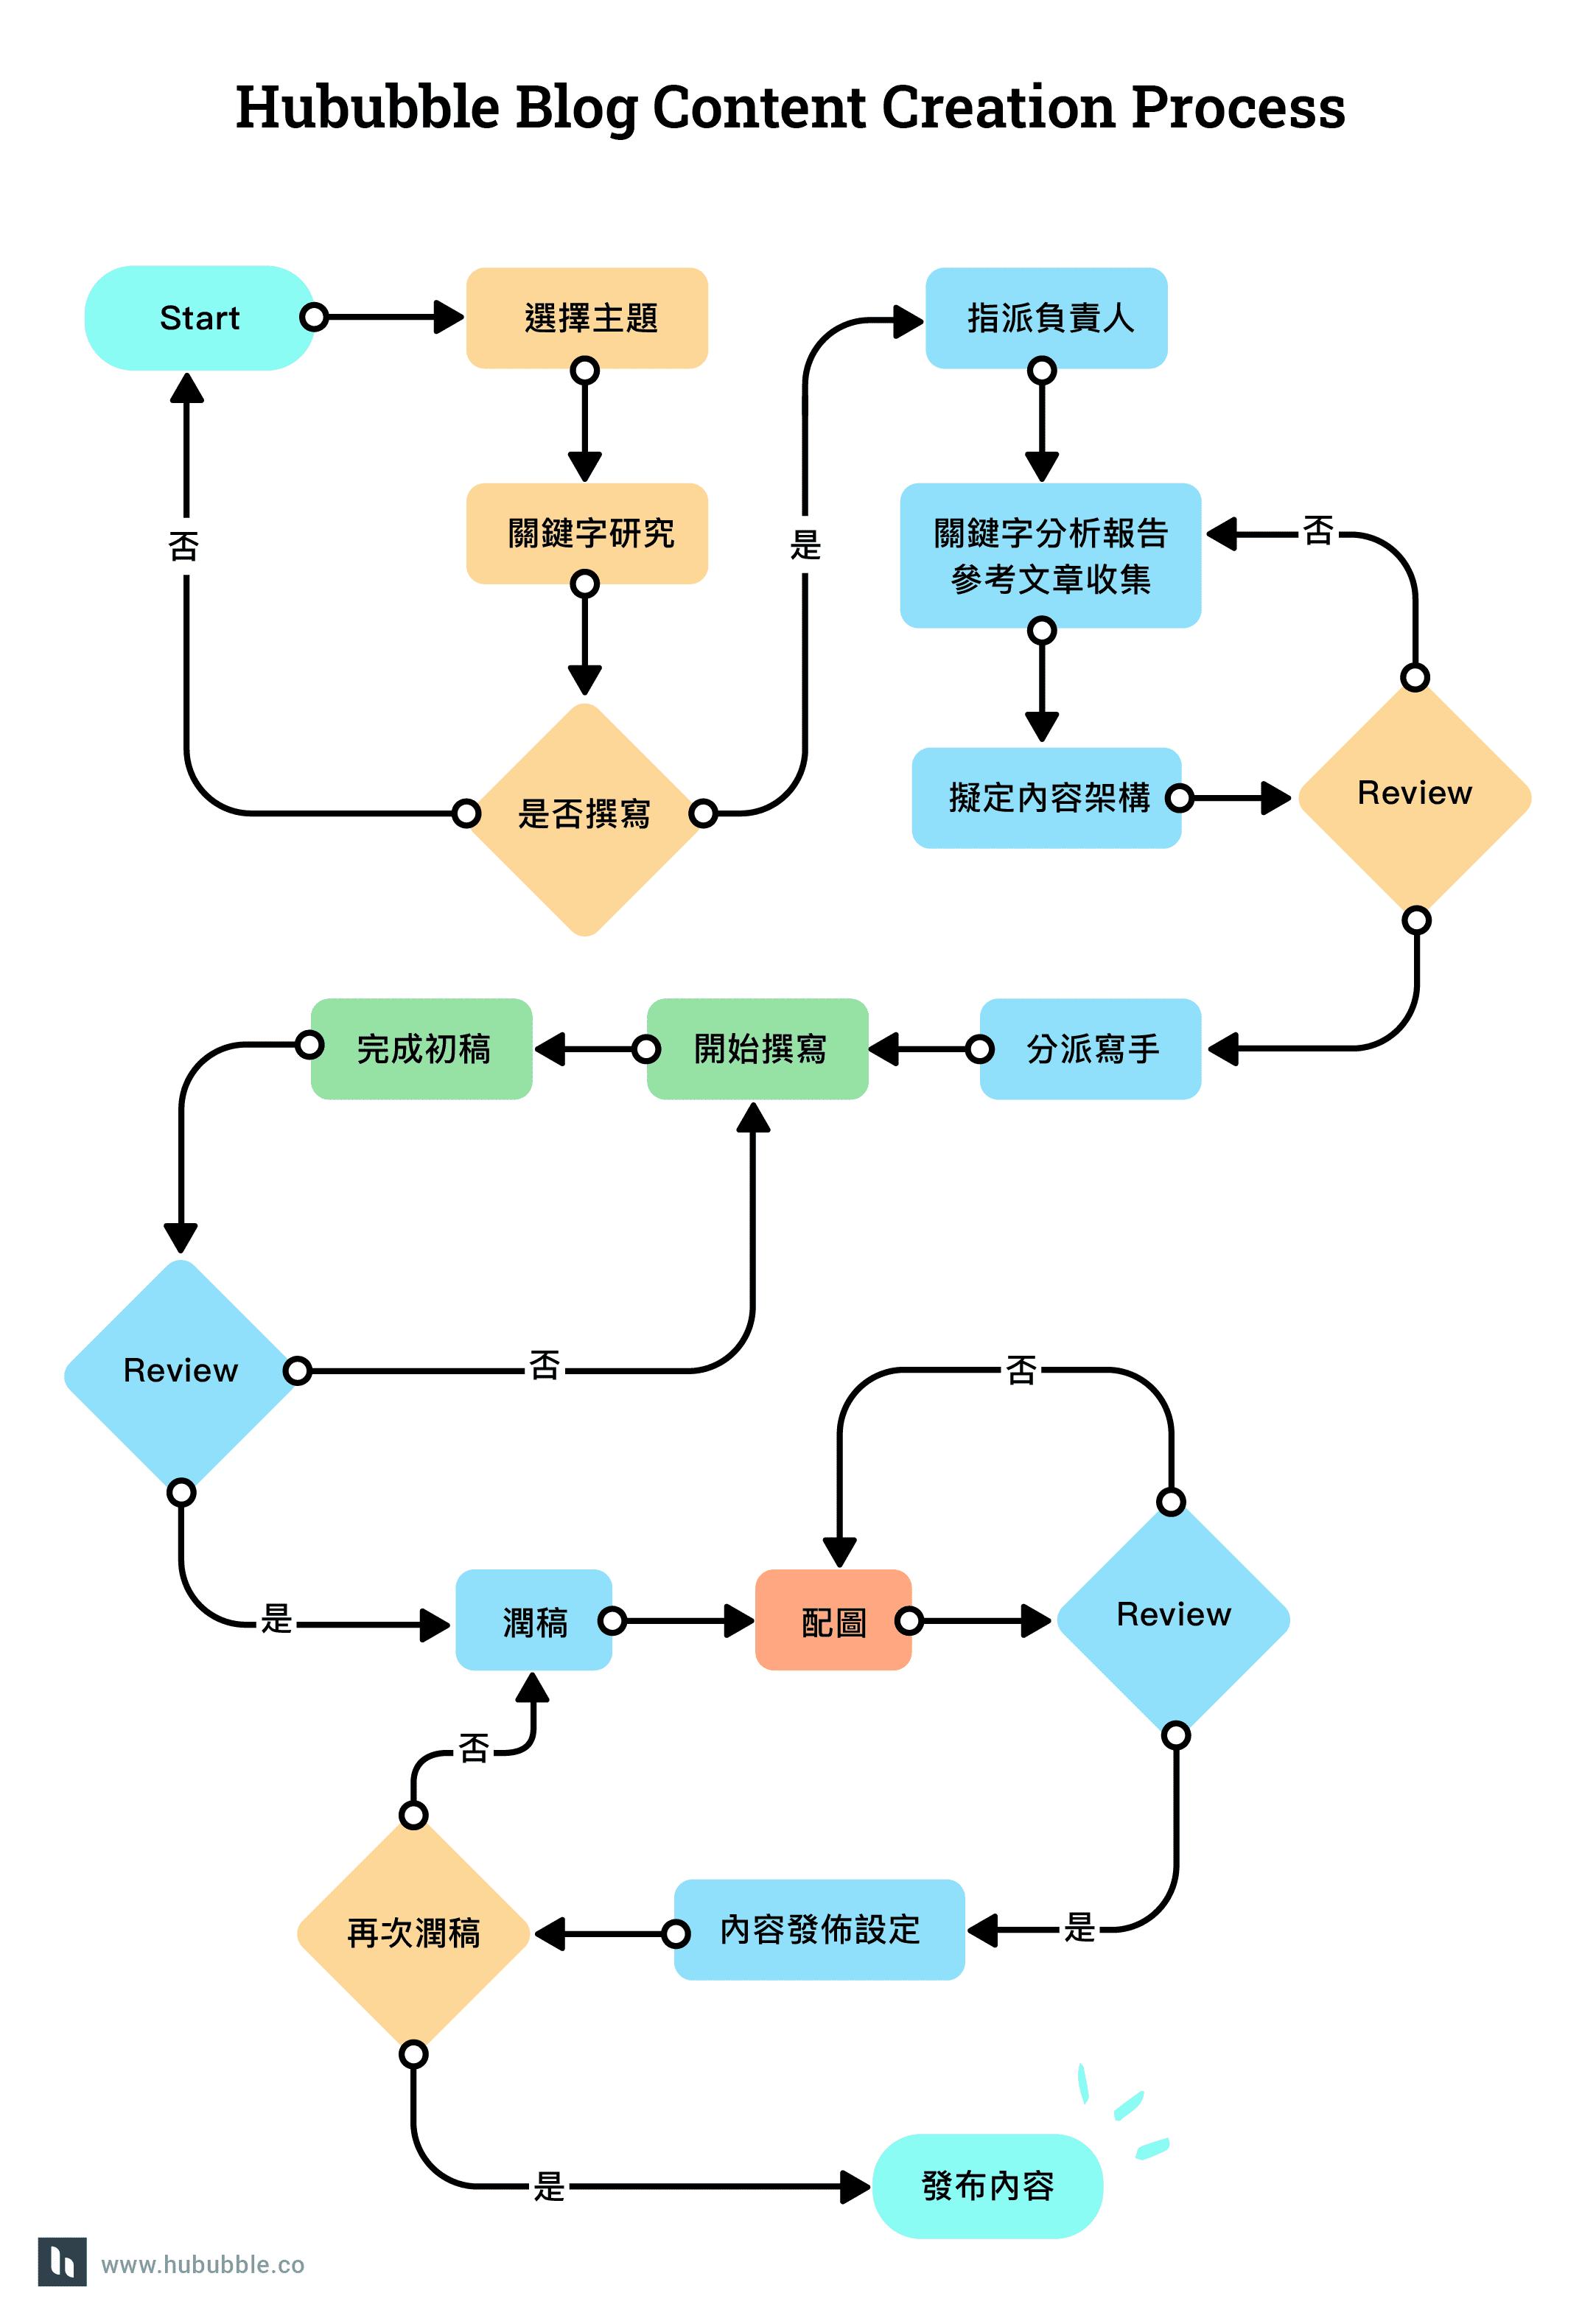 hububble Content creation process